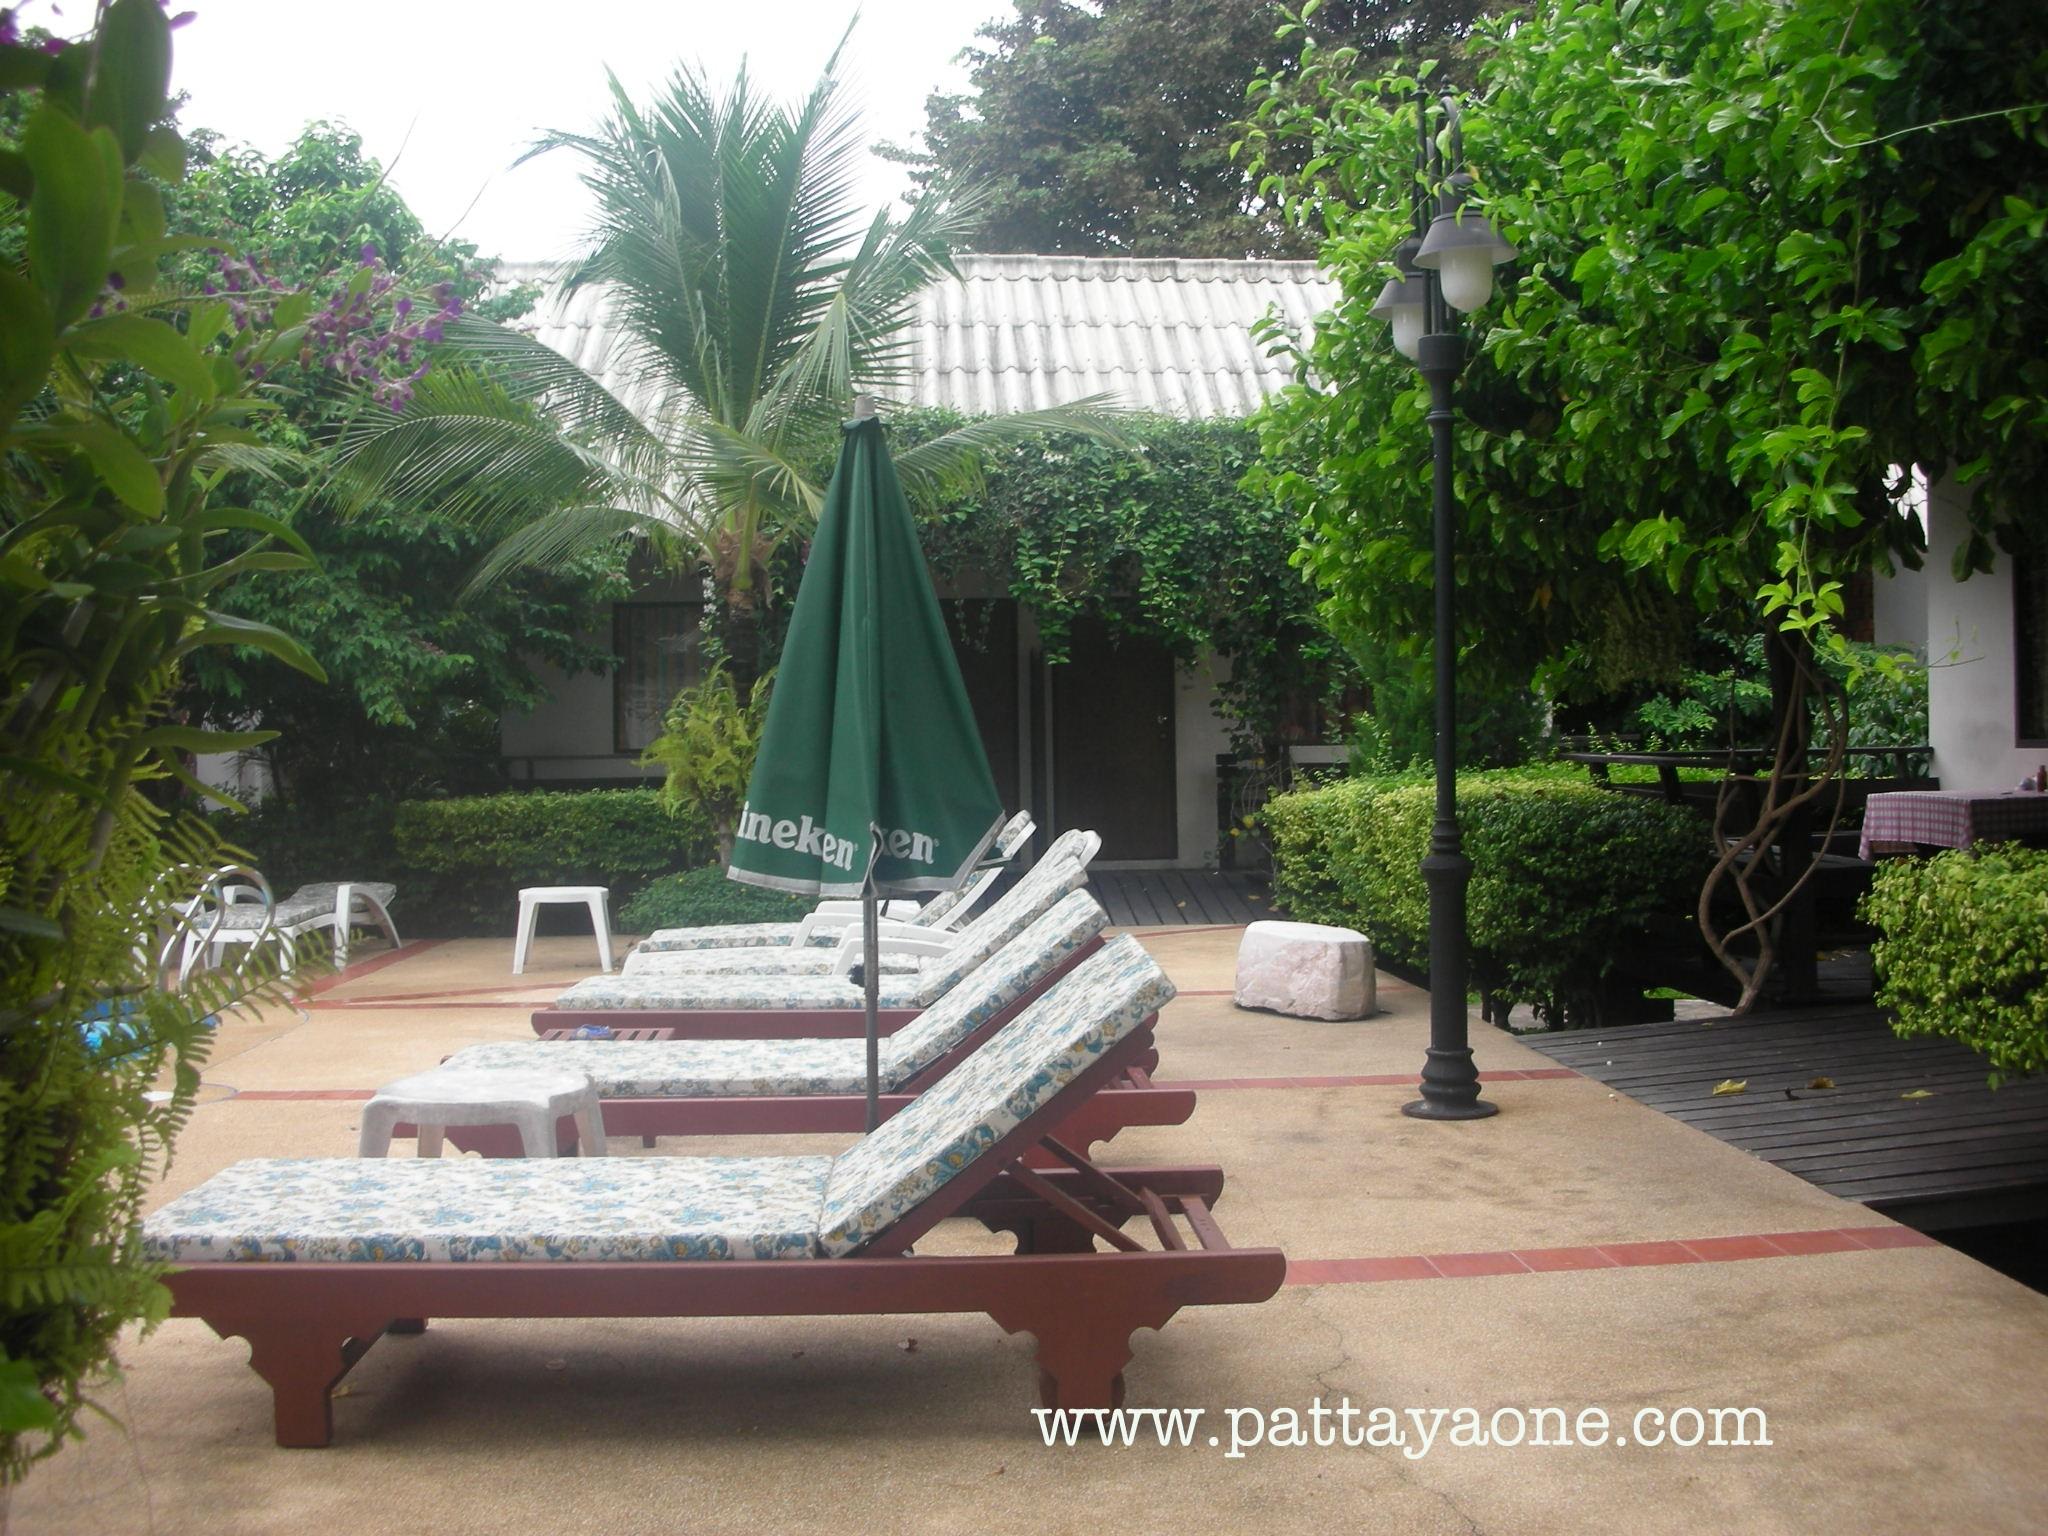 The Beach Garden www.pattayaone.com